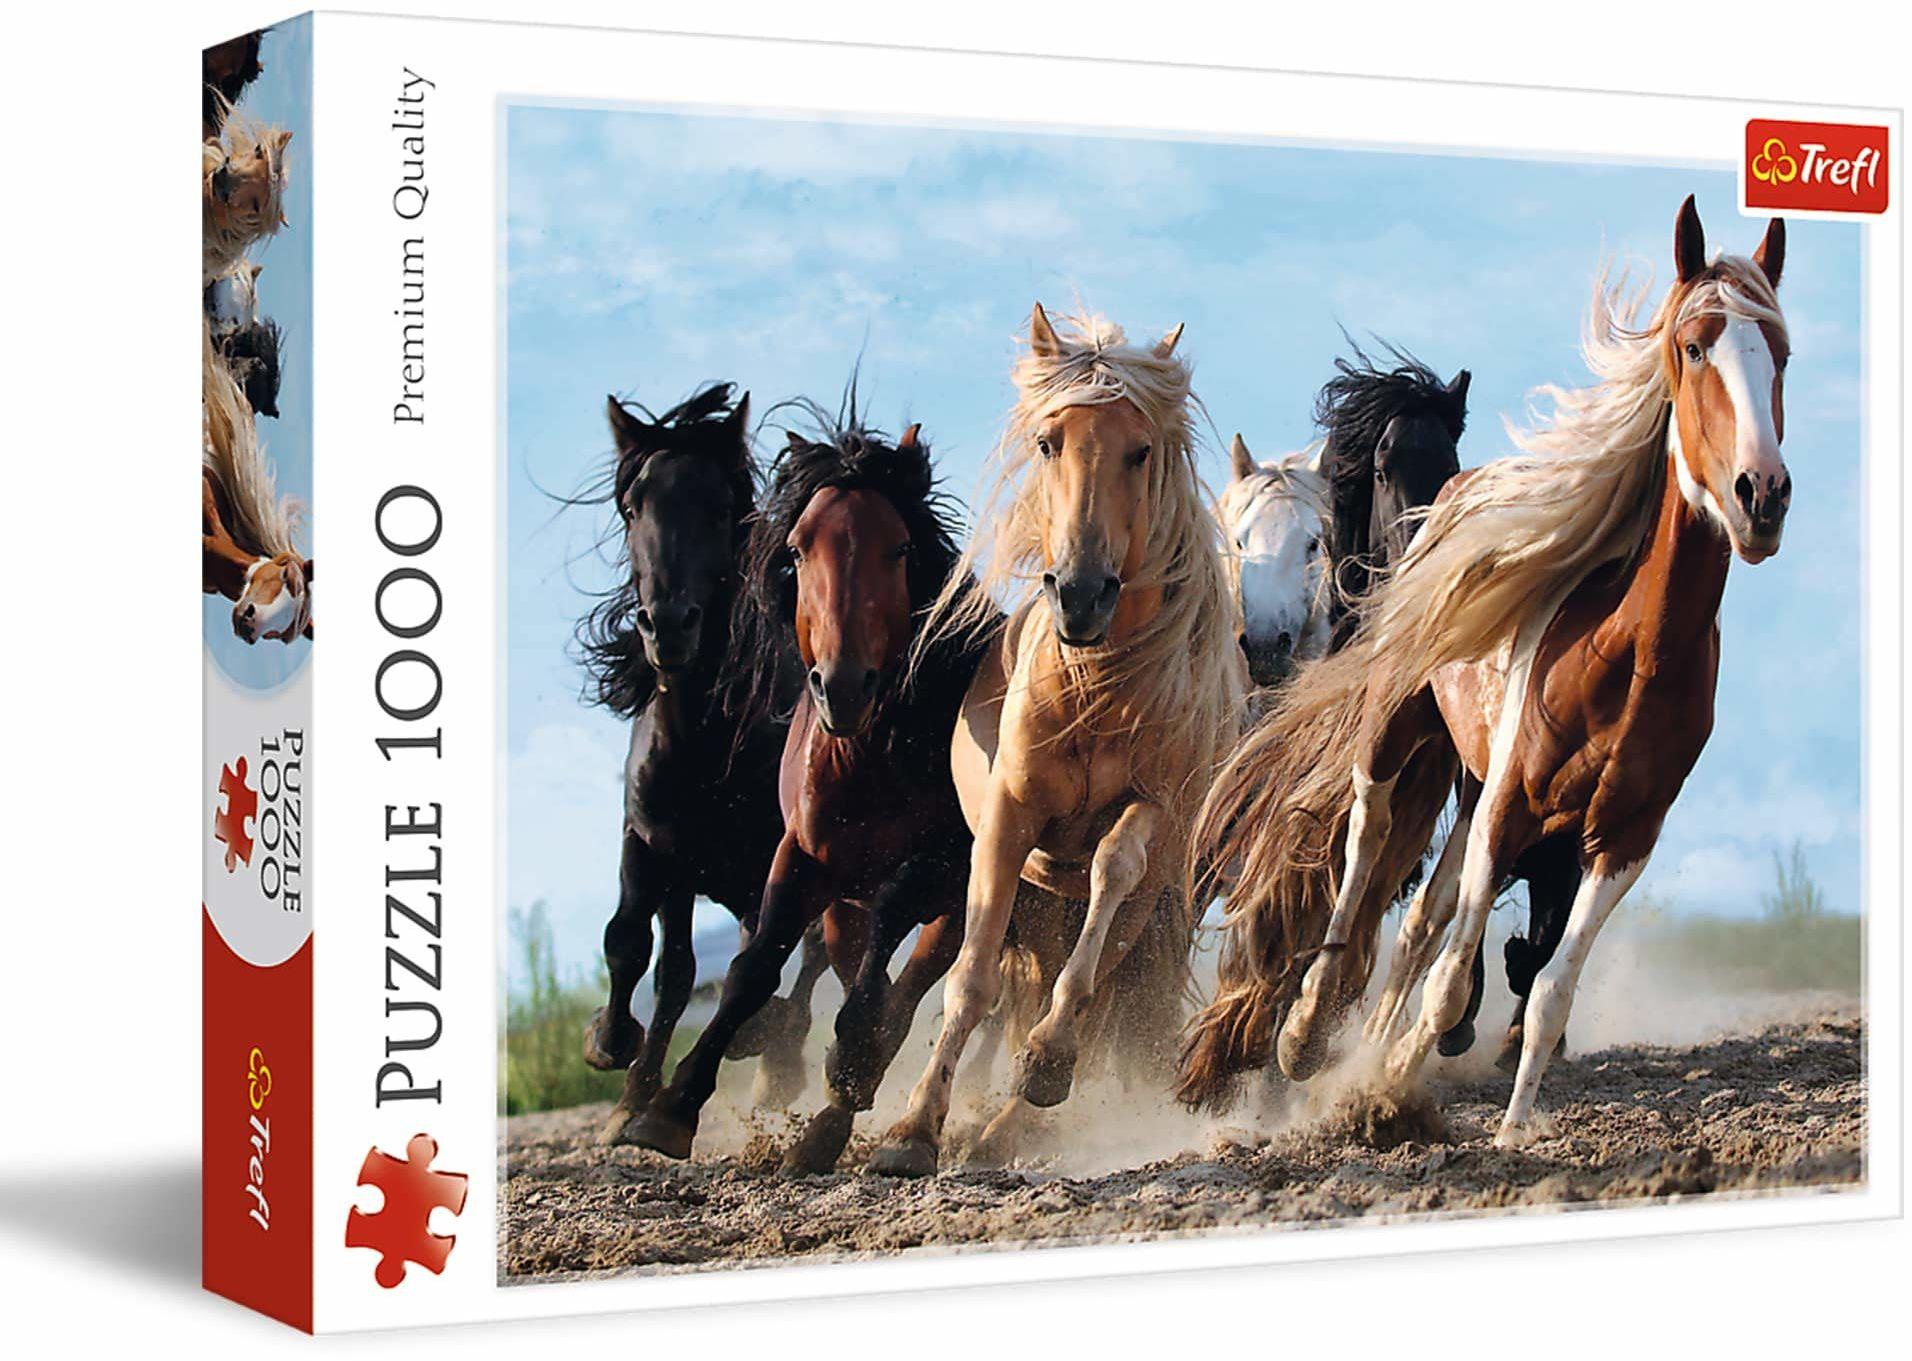 Trefl - Galopujące Konie - 1000 Elementów, Konie w Galopie, Konie o Różnym Umaszczeniu, Galop, Układanka DIY, Kreatywna Rozrywka, Prezent, Zabawa, Puzzle Klasyczne dla Dorosłych i Dzieci od 12 Lat